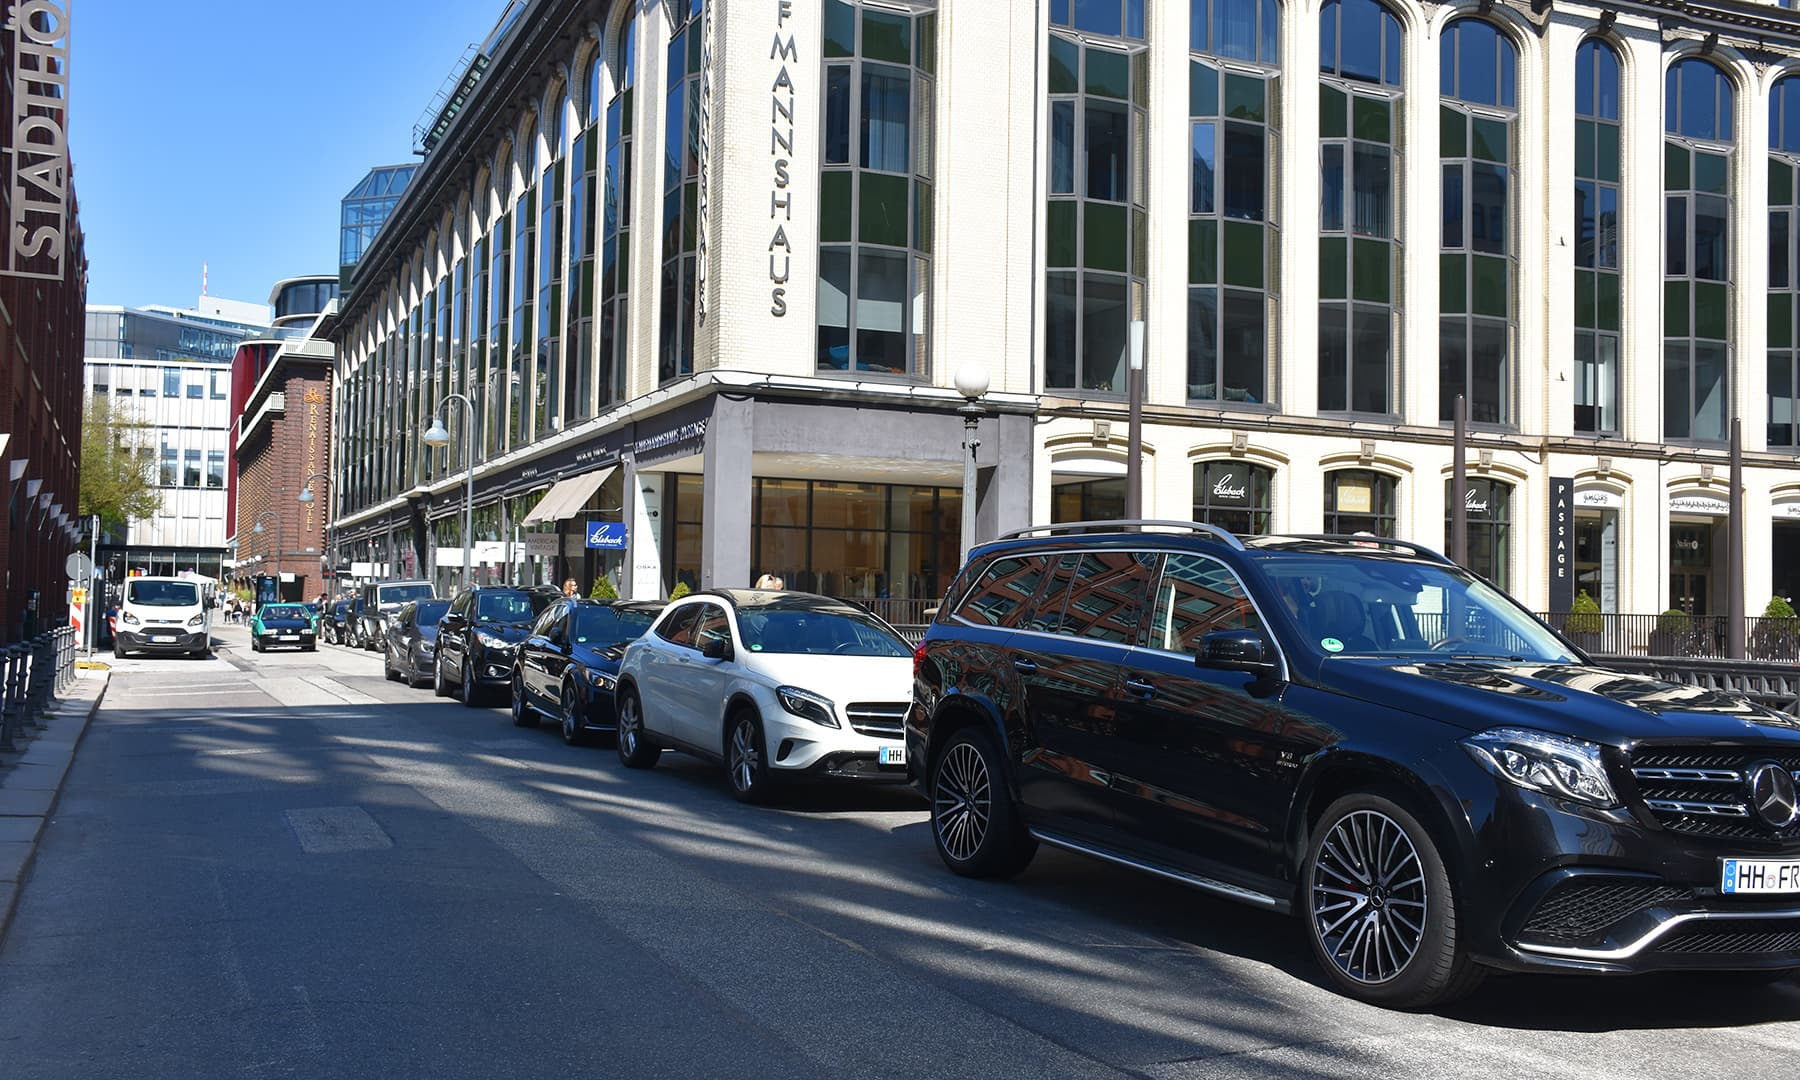 سڑک کنارے ترتیب سے ایک کے ساتھ 5 مرسڈیز گاڑیاں آپ کو جرمنی میں ہی دکھائی دیں گی—تصویر رمضان رفیق